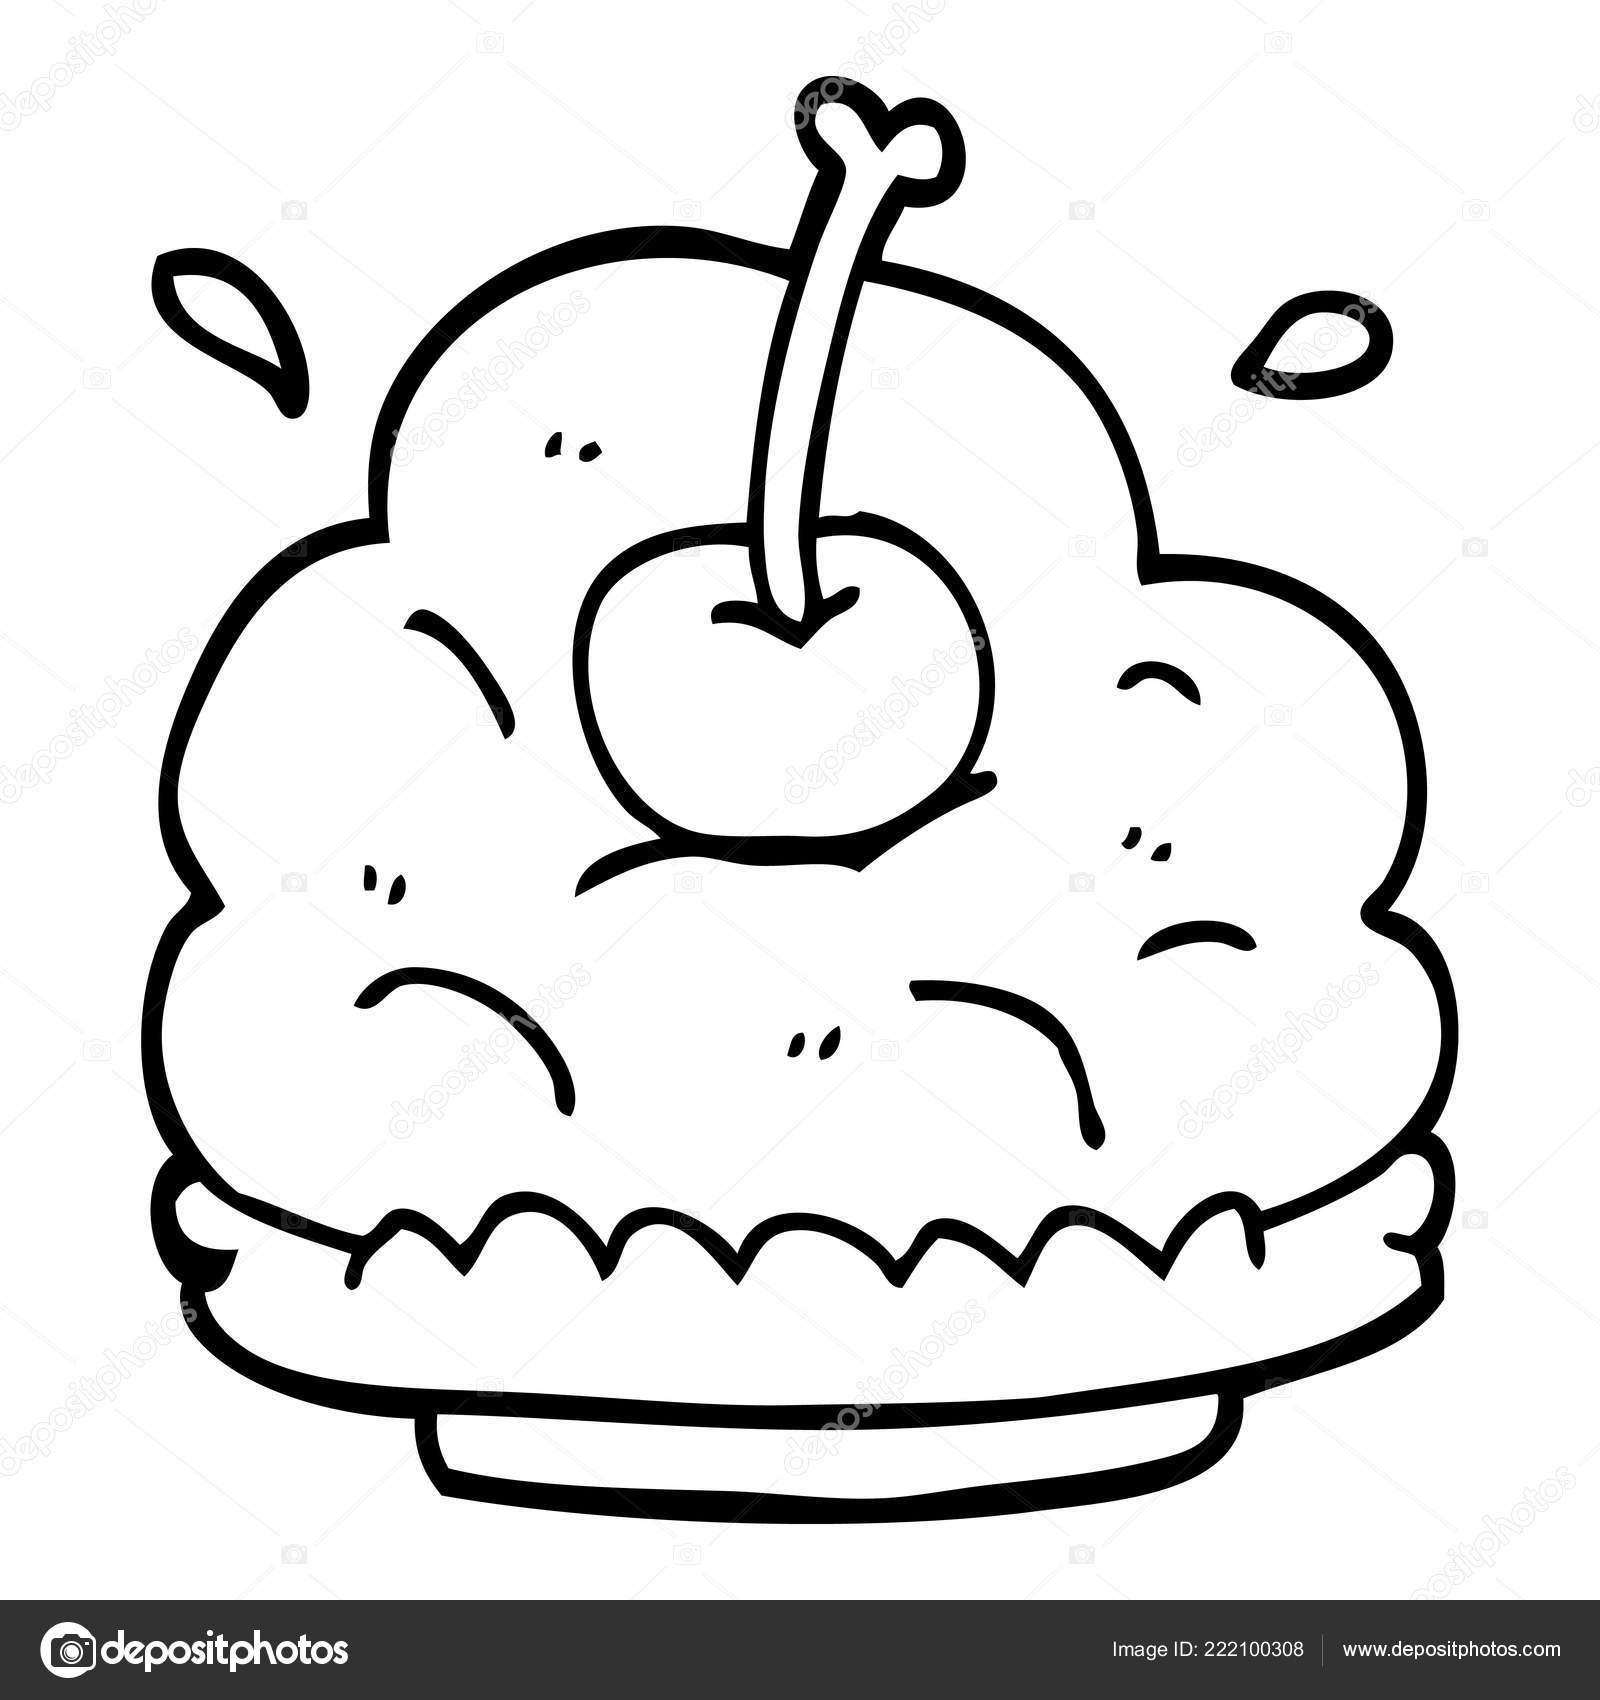 Strichzeichnung Cartoon Riesige Eis Dessert Stockvektor